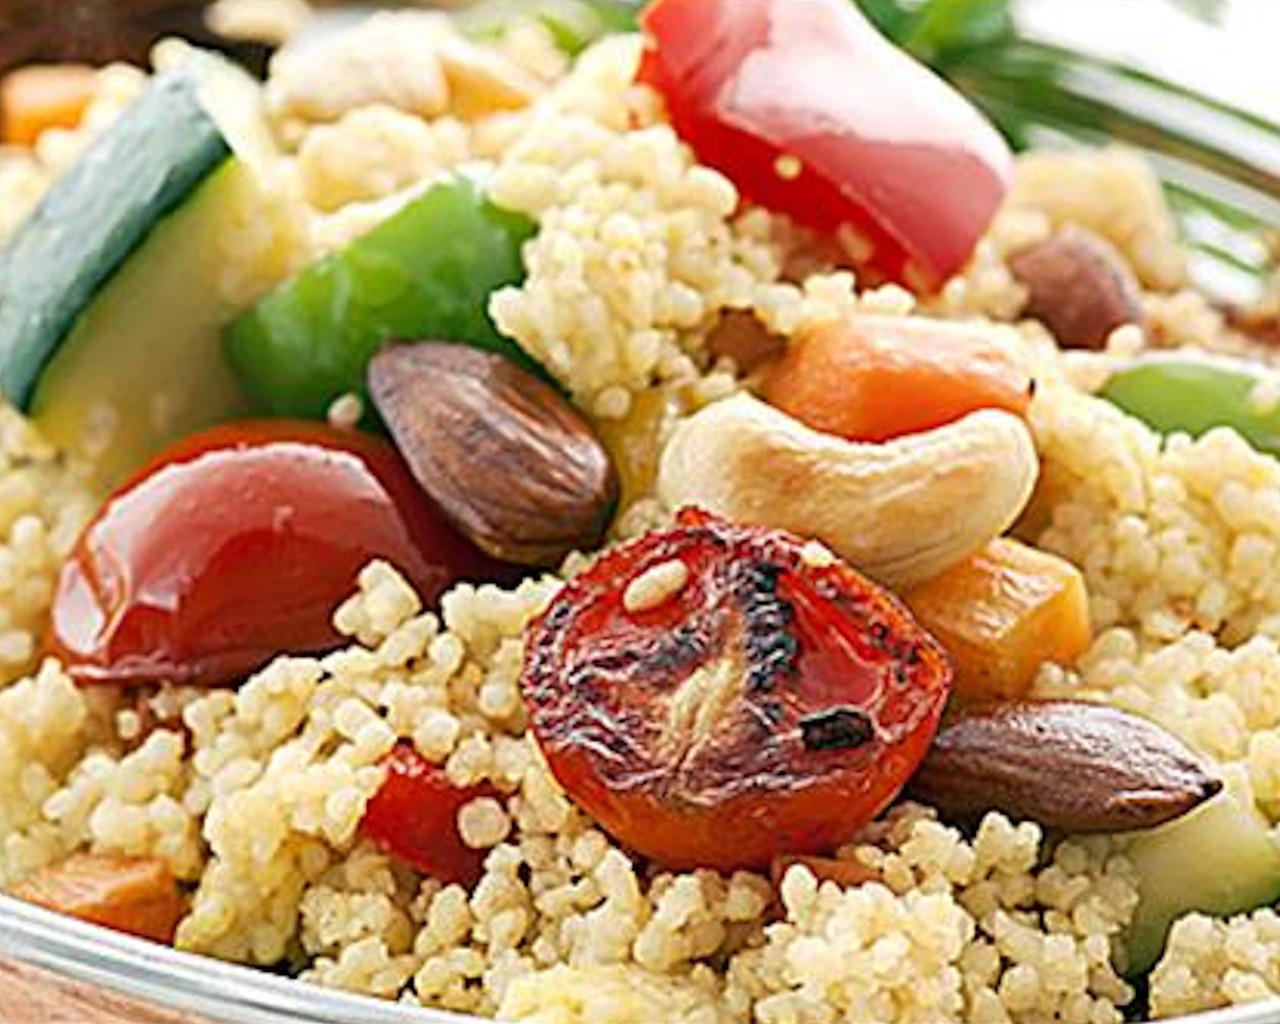 δίαιτα,δίαιτα των μονάδων,δίαιτα cambridge,δίαιτα 3 φασεων,δίαιτα ντουκαν,δίαιτα κετο,δίαιτα για απώλεια λίπουσ,δίαιτα εξπρεσ,δίαιτα dash